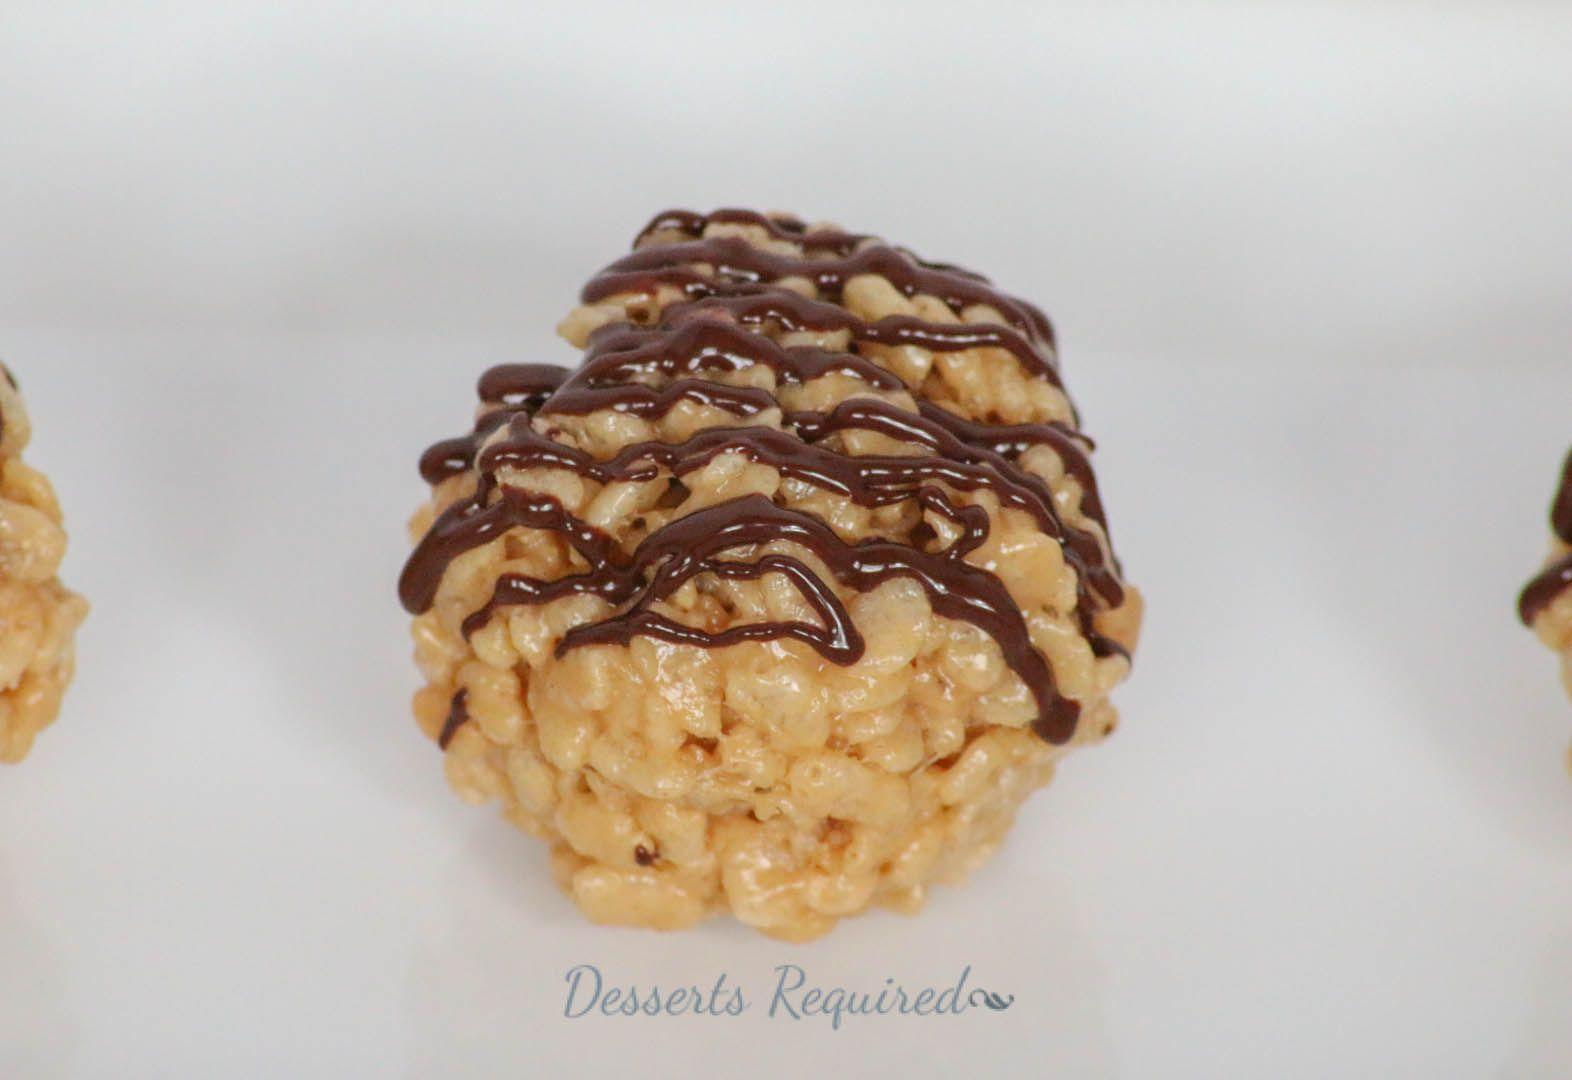 Desserts Required - Peanut Butter Krispie Balls